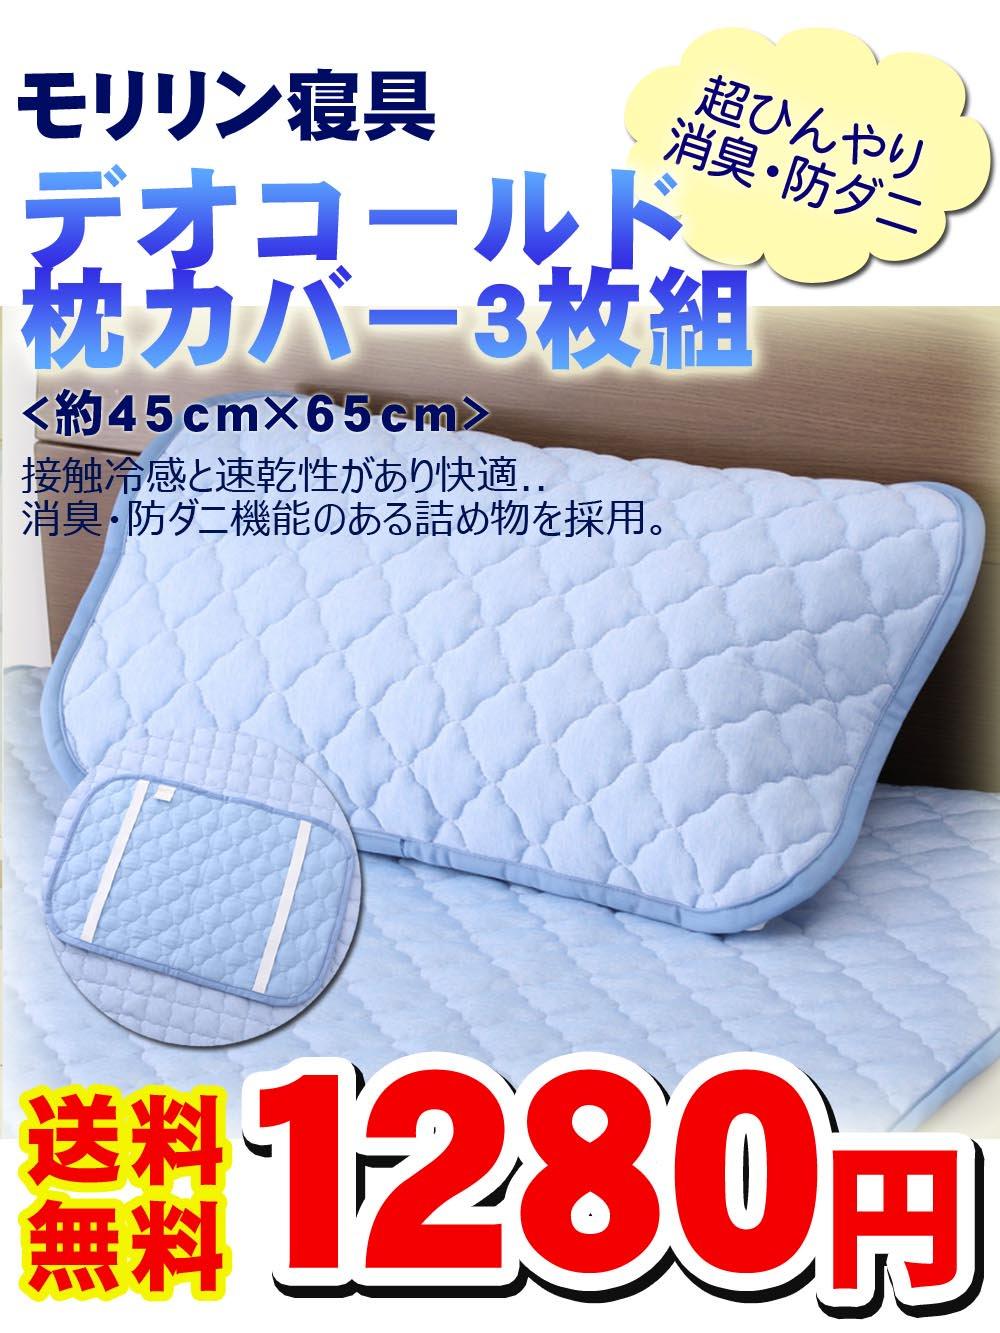 【送料無料】モリリン 超ひんやり!消臭・防ダニ デオコールド枕パッド<3枚組> 1280